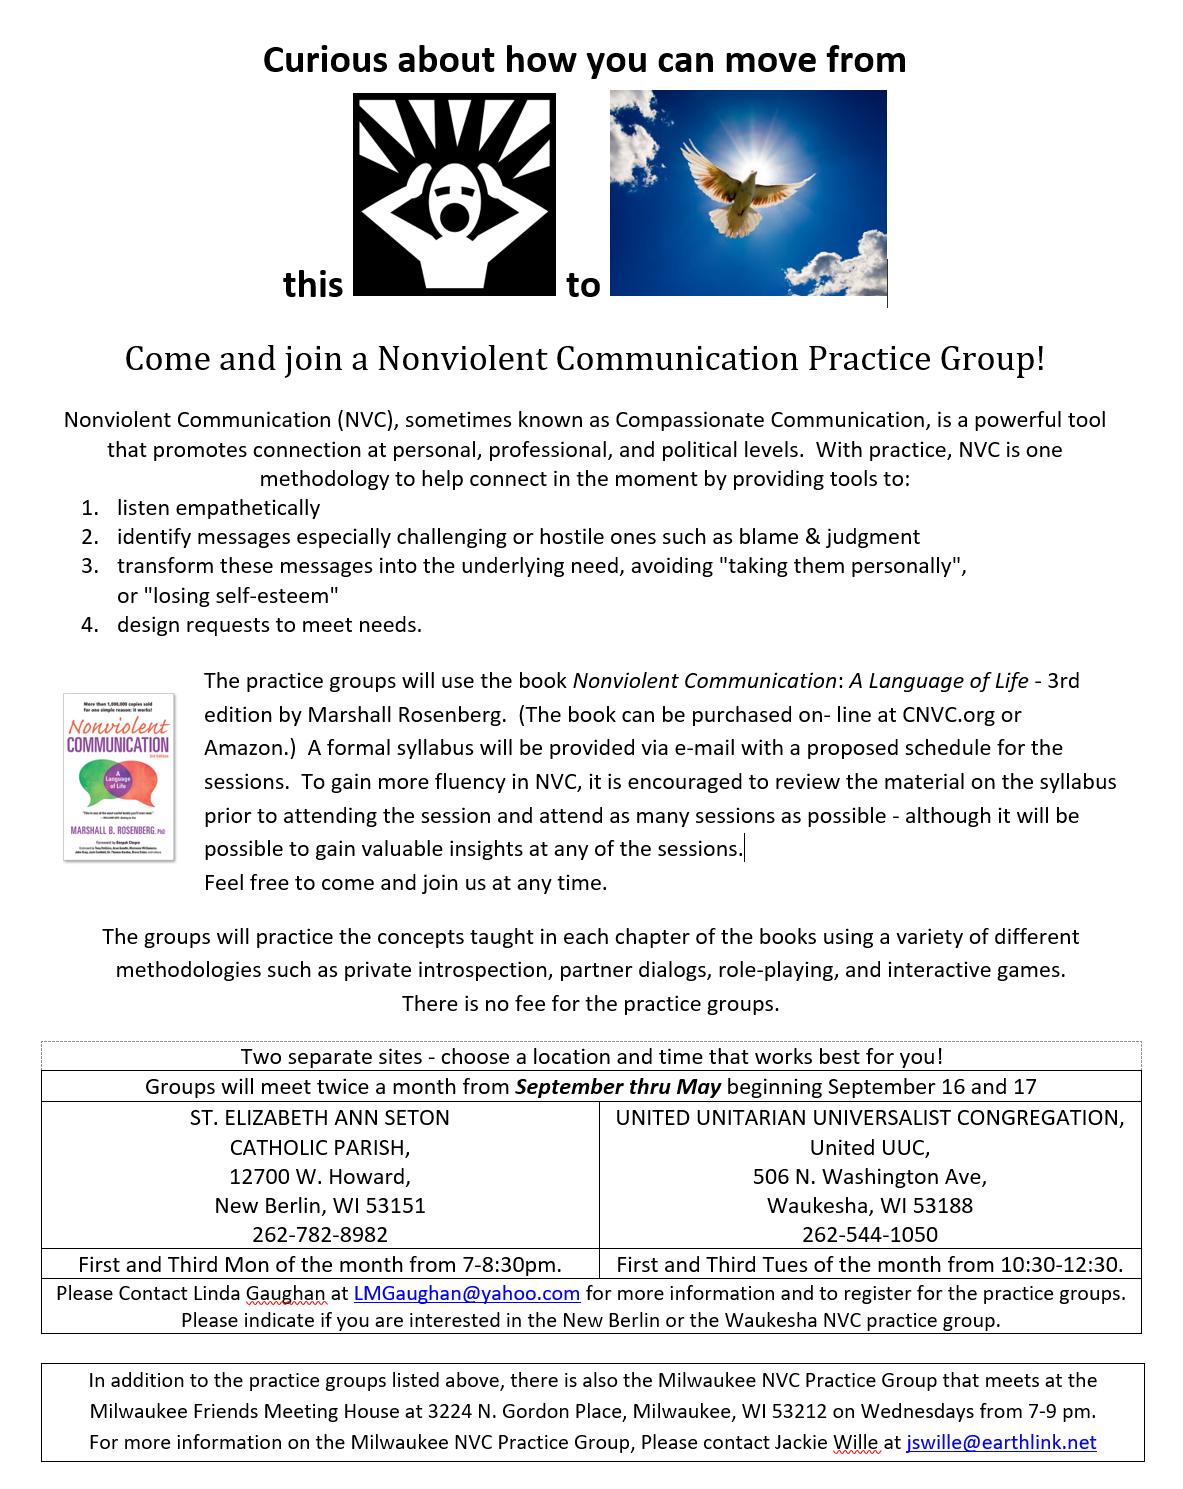 nonviolent communication.png